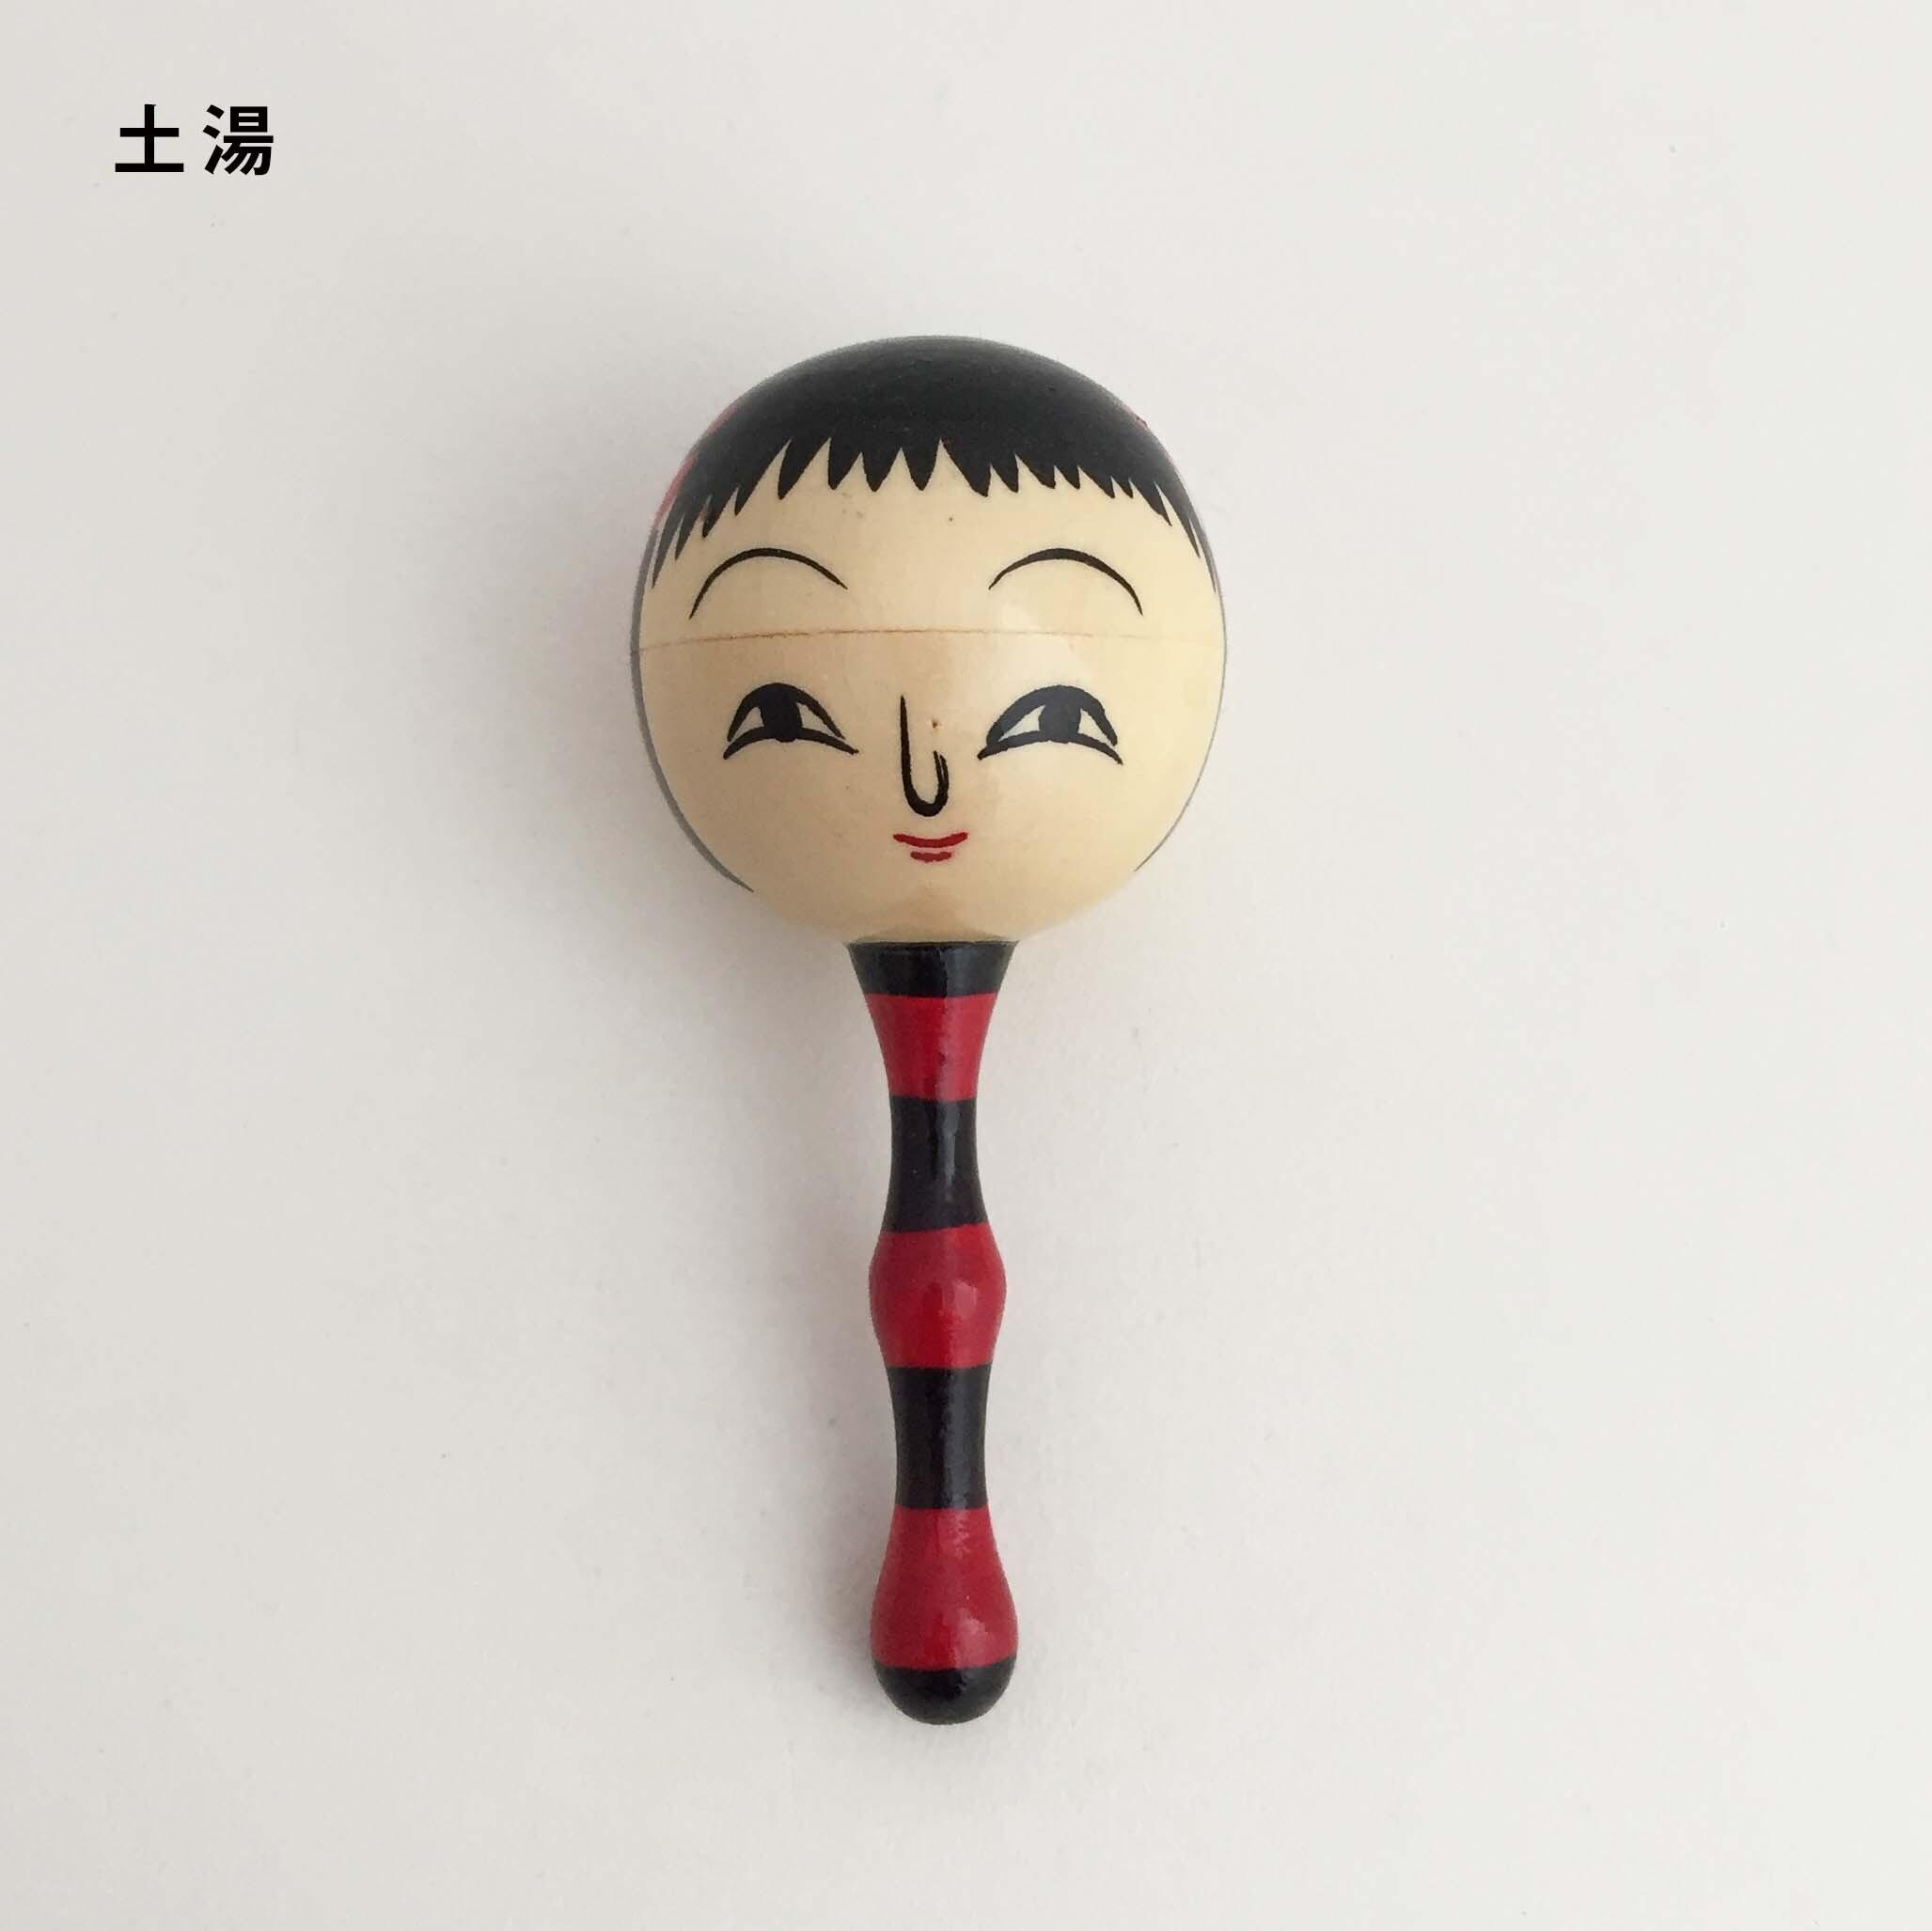 こけし顔ガラガラ(鯖湖・土湯・南部・弥治郎系こけし)